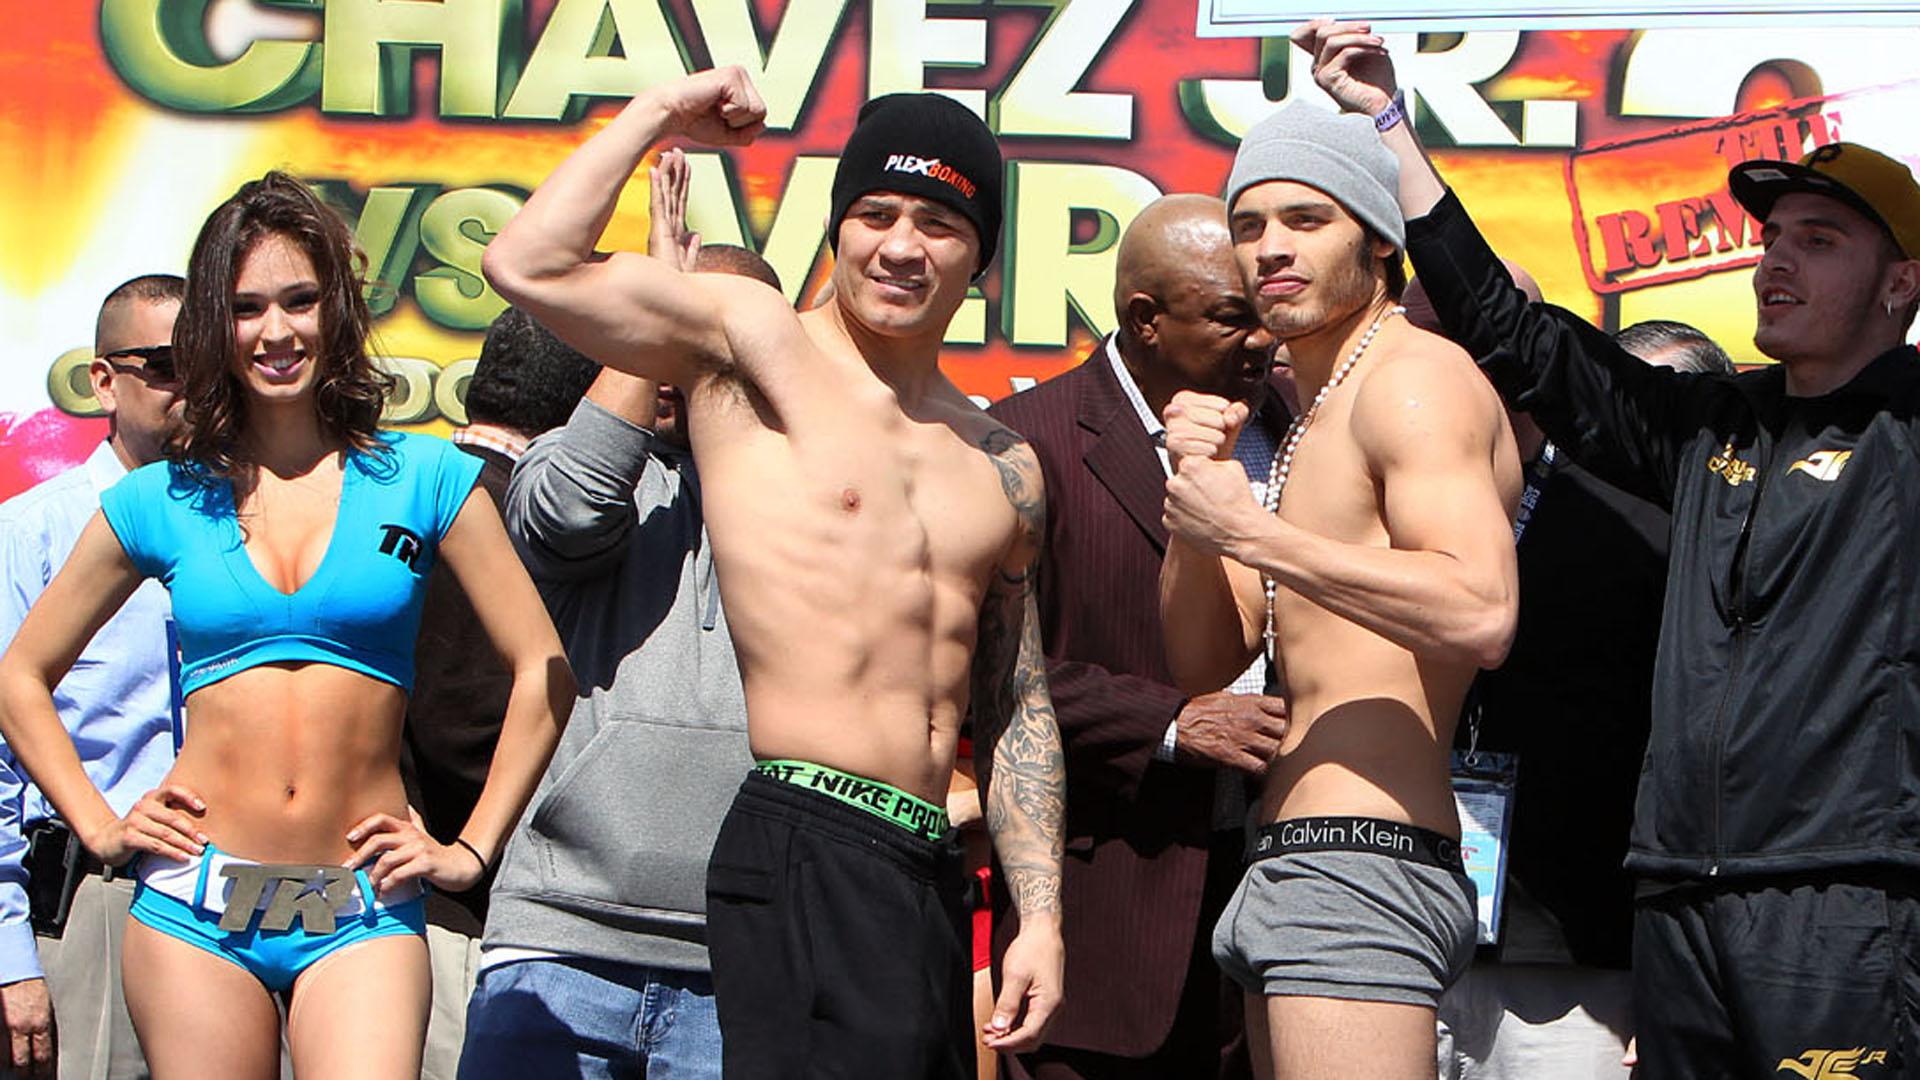 pierdere în greutate Chavez Jr